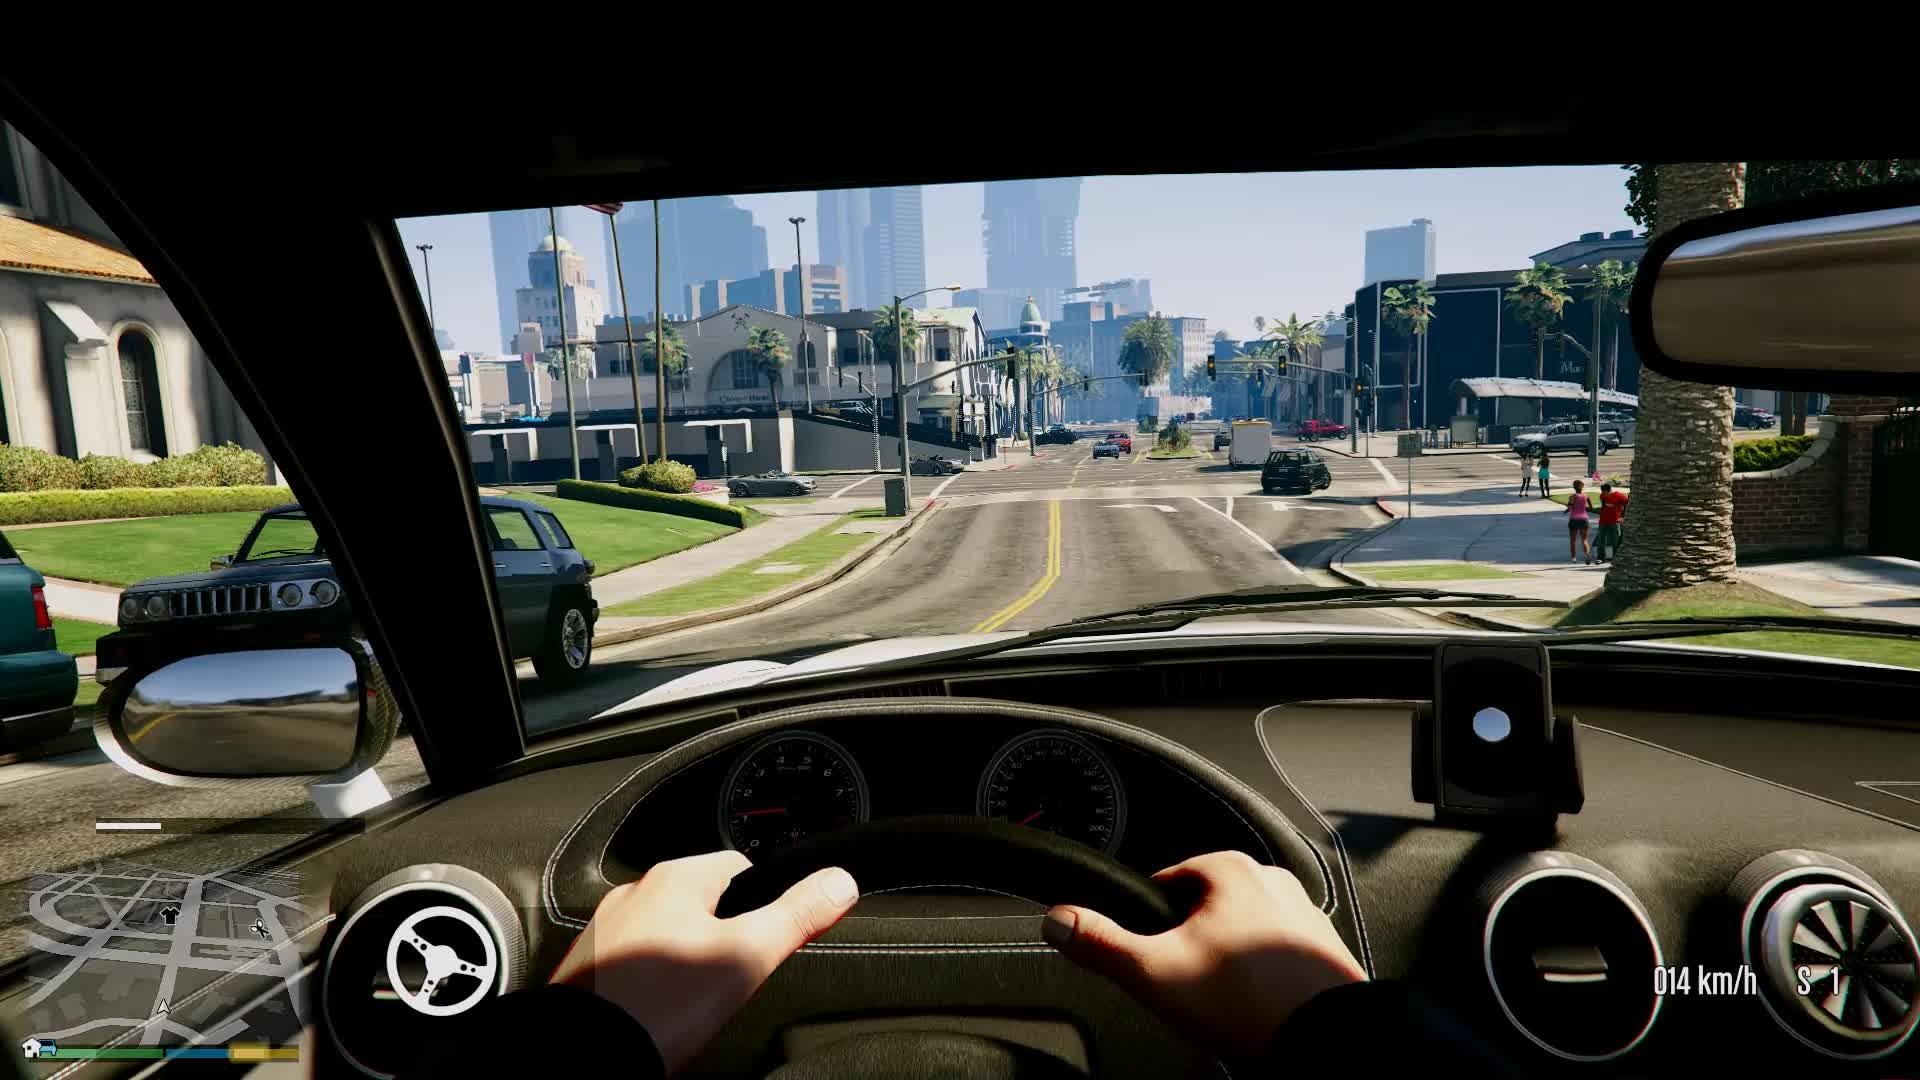 grandtheftautov, Grand Theft Auto V 2019.08.14 - 01.52.41.04.DVR Trim GIFs